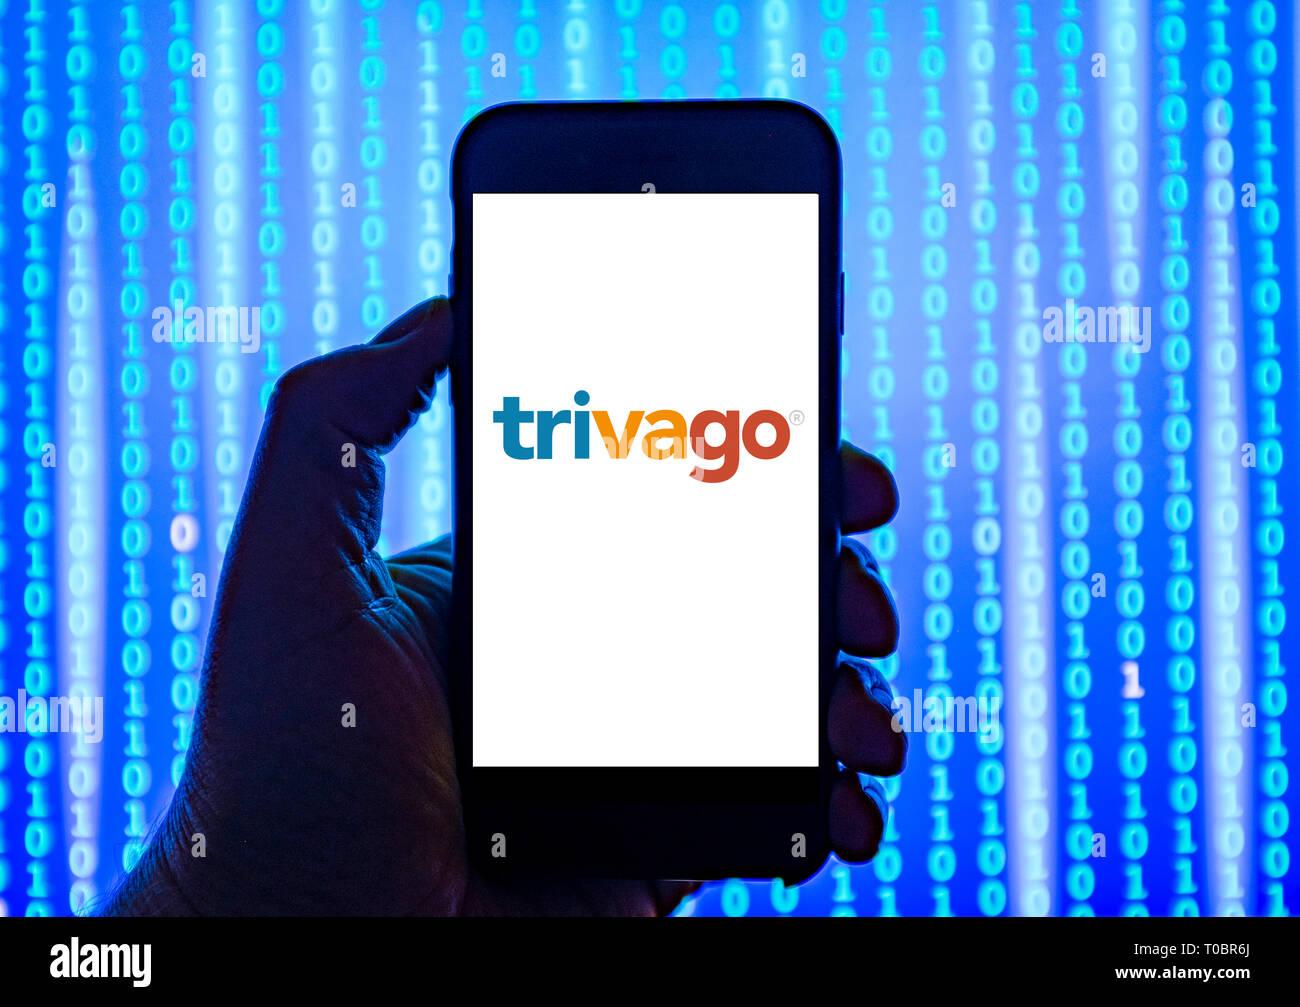 Persona in possesso di smart phone con trivago viaggio sito di confronto logo visualizzato sullo schermo. Immagini Stock